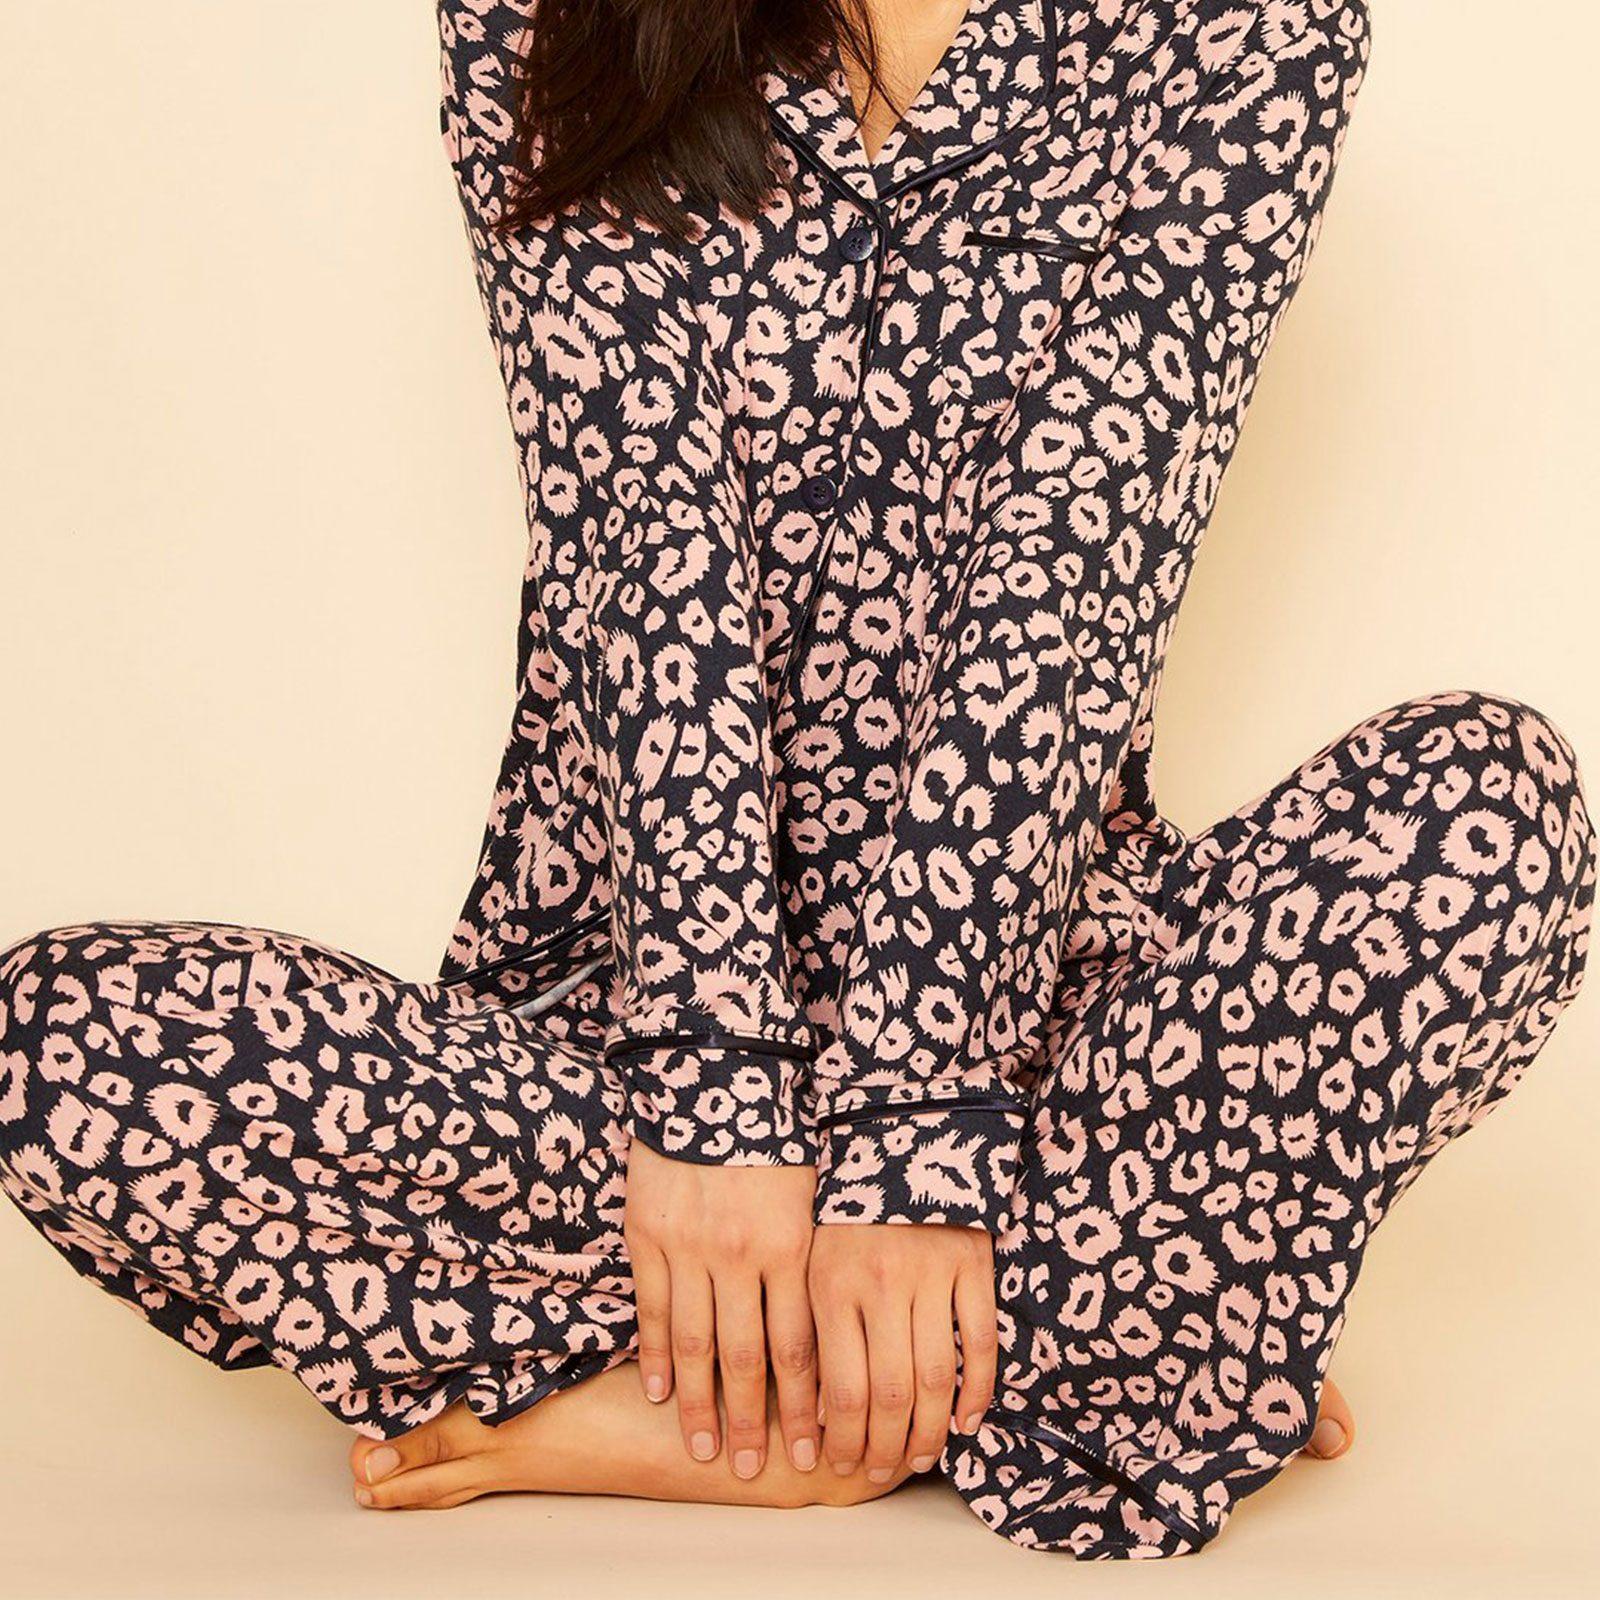 Bella Printed Long Sleeve Top & Pant Pajamas from Cosabella